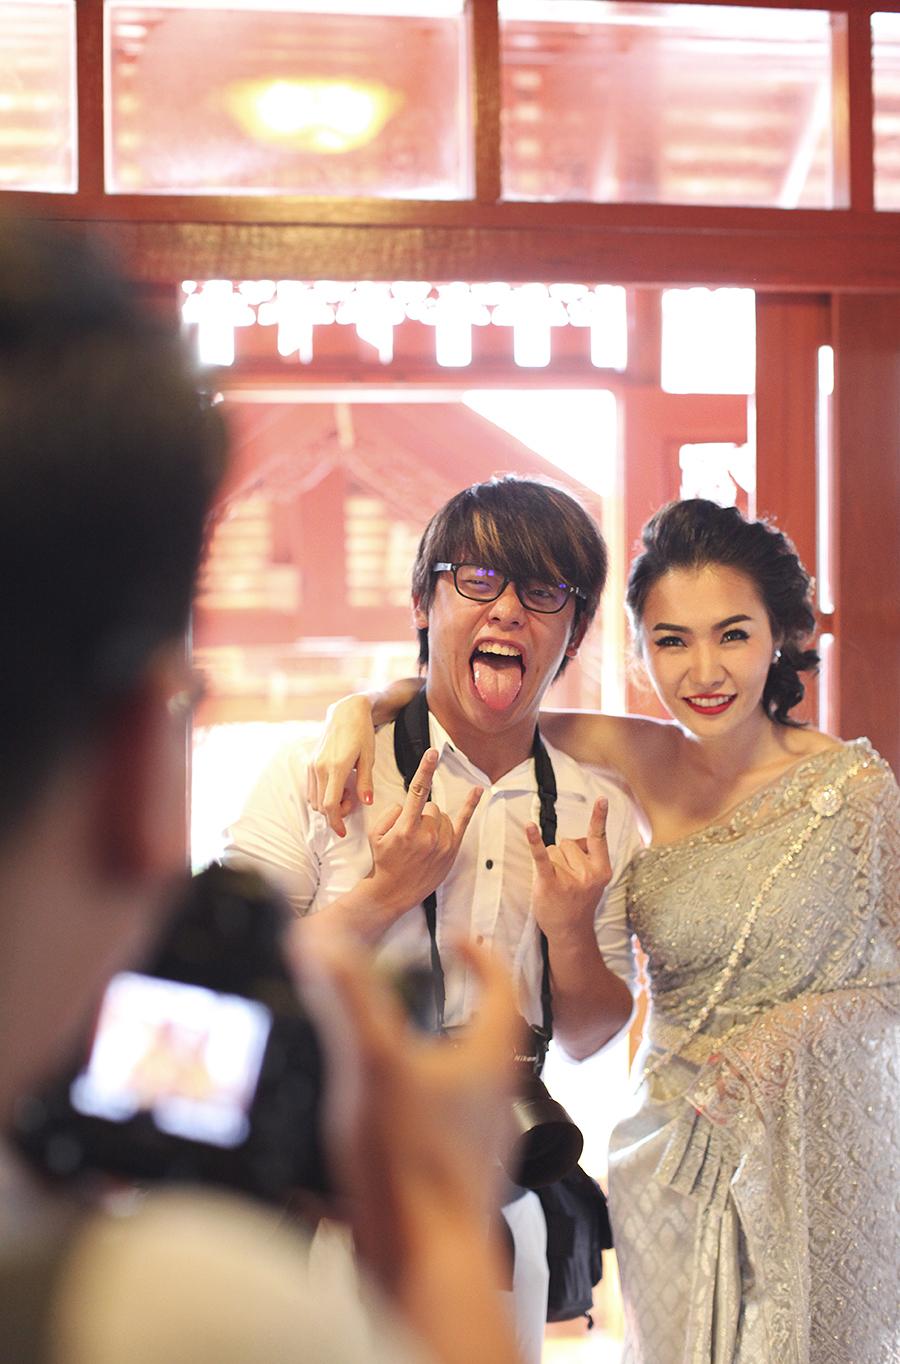 bangkok thailand wedding photography by kurt ahs . ruj+tai . 6236.jpg